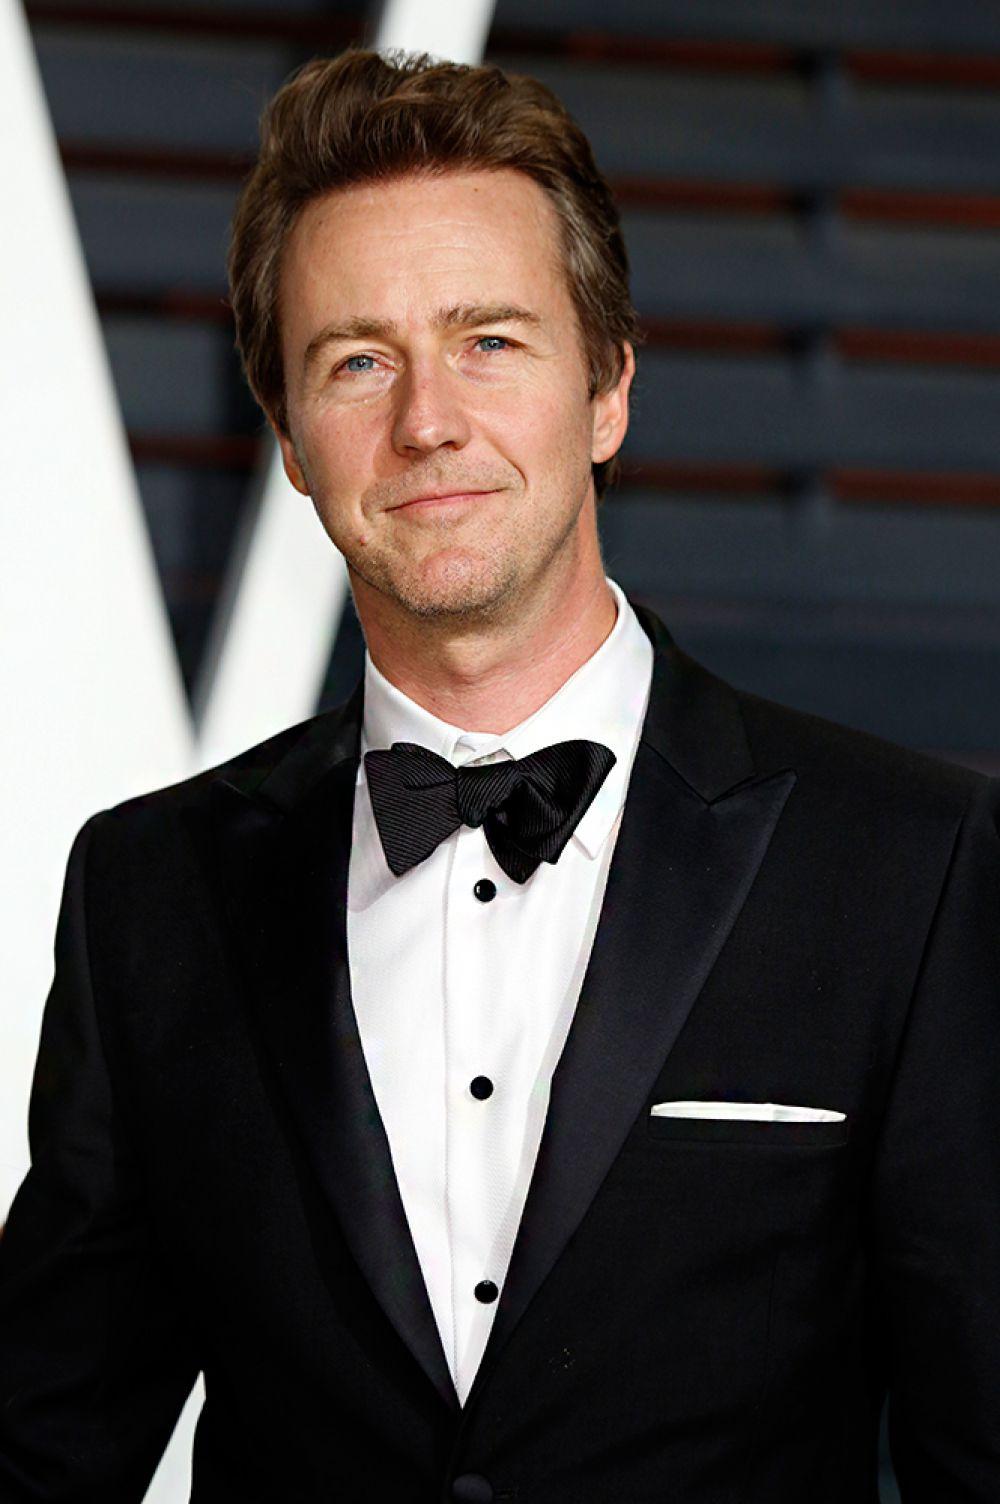 Трижды на «Оскар» номинировался Эдвард Нортон, его последняя номинация пришлась на 2015 год за роль в фильме «Бёрдмен». Но Нортон так ни разу и не получил заветной награды, что удивительно, ведь 10 последних фильмов с его участием собрали в мировом прокате почти 1 млрд долларов.